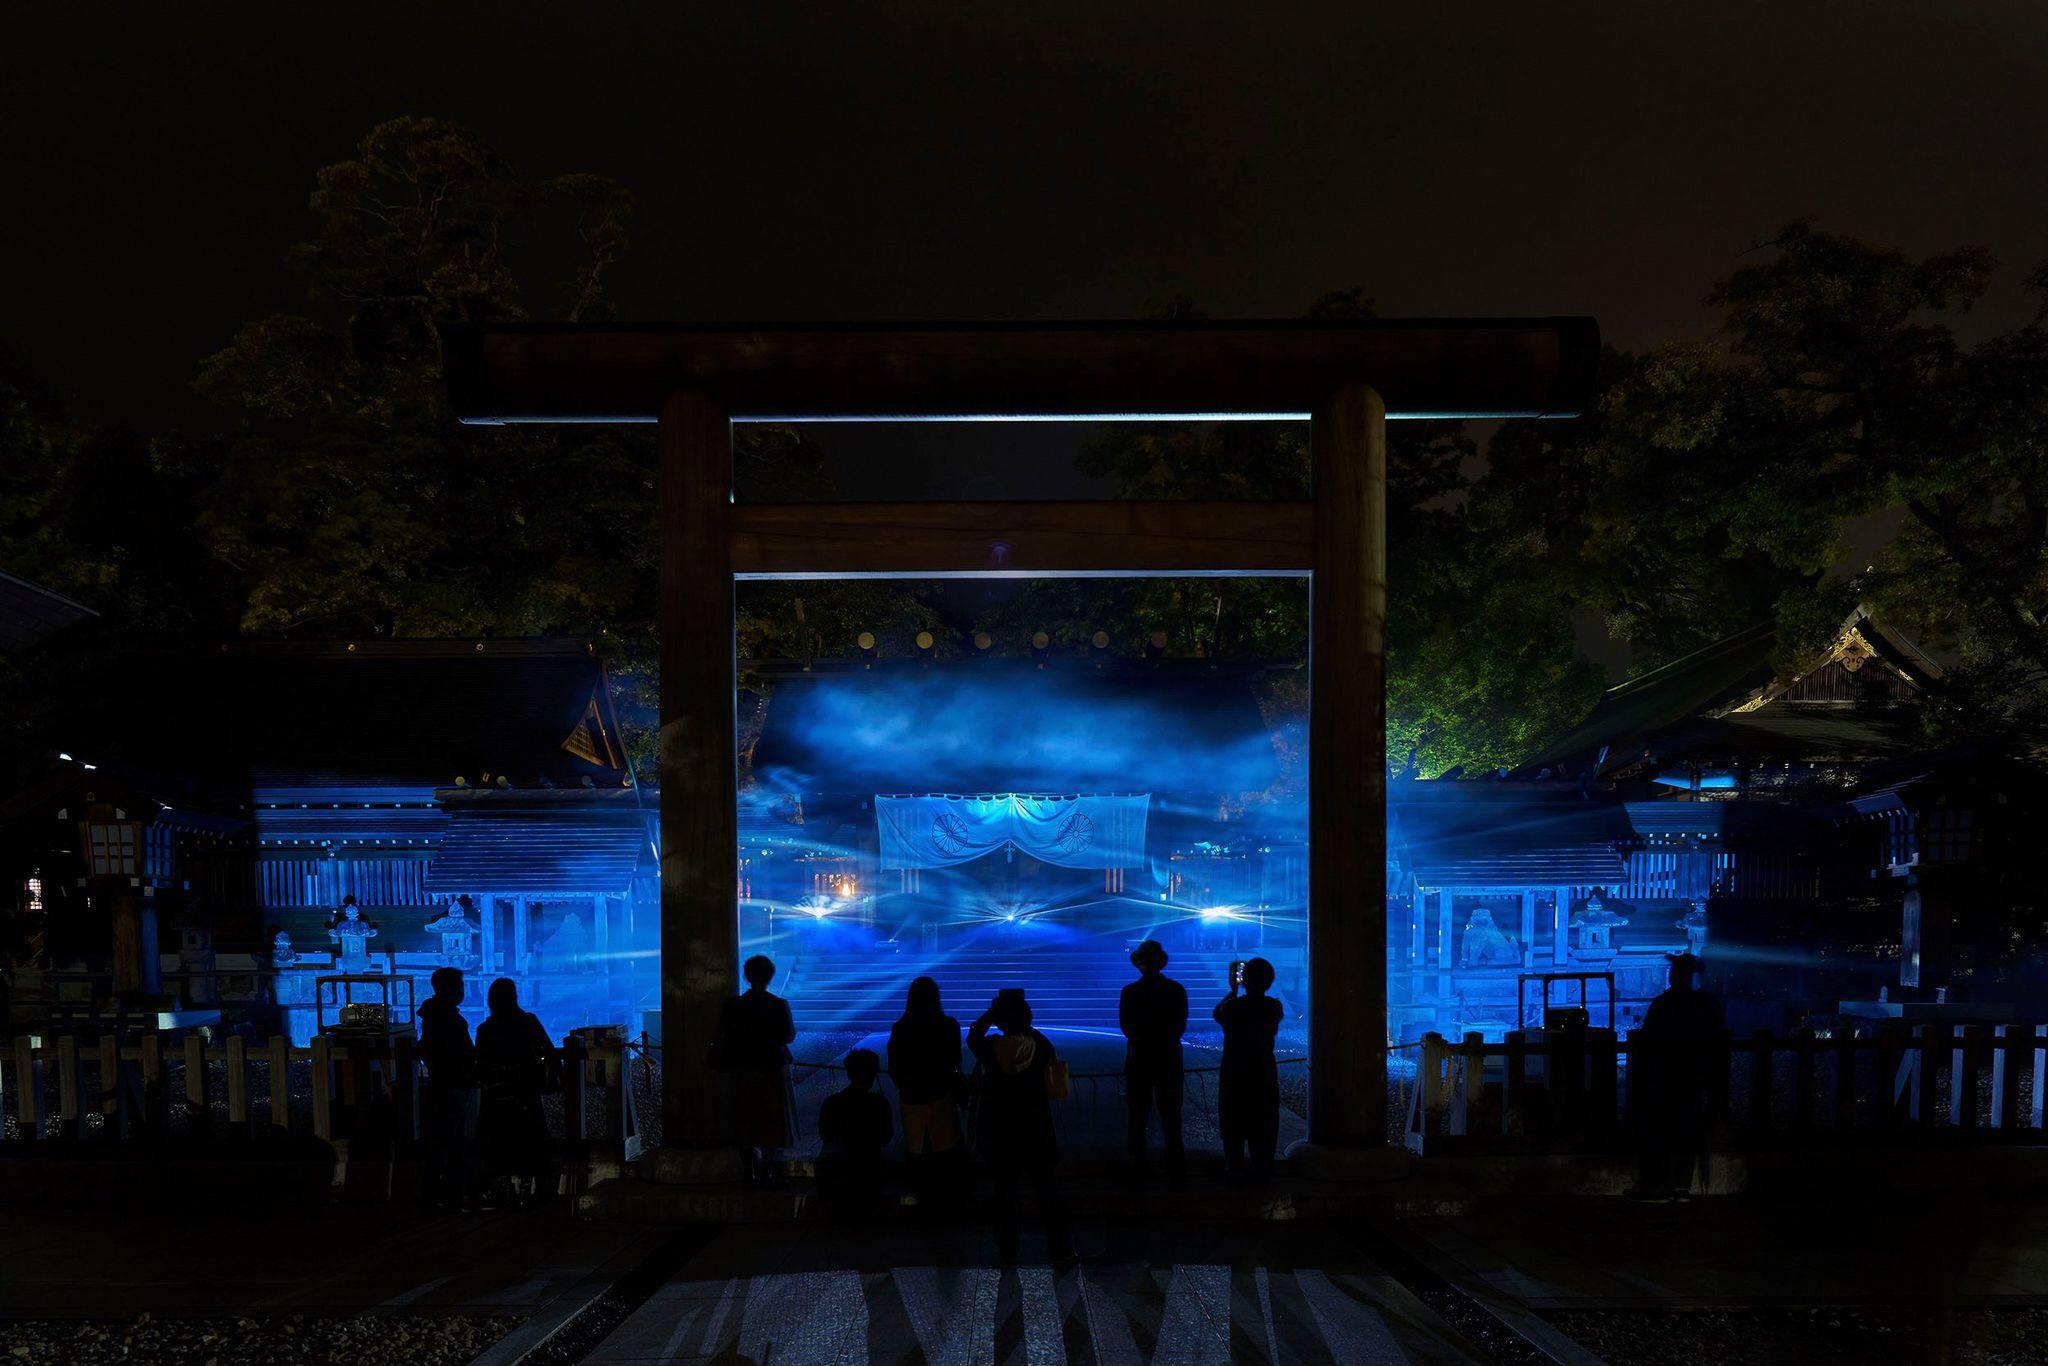 「ALTERNATIVE KYOTO 2020─現実と空想のはざまで」、齋藤達也《Double Horizon》(2020)